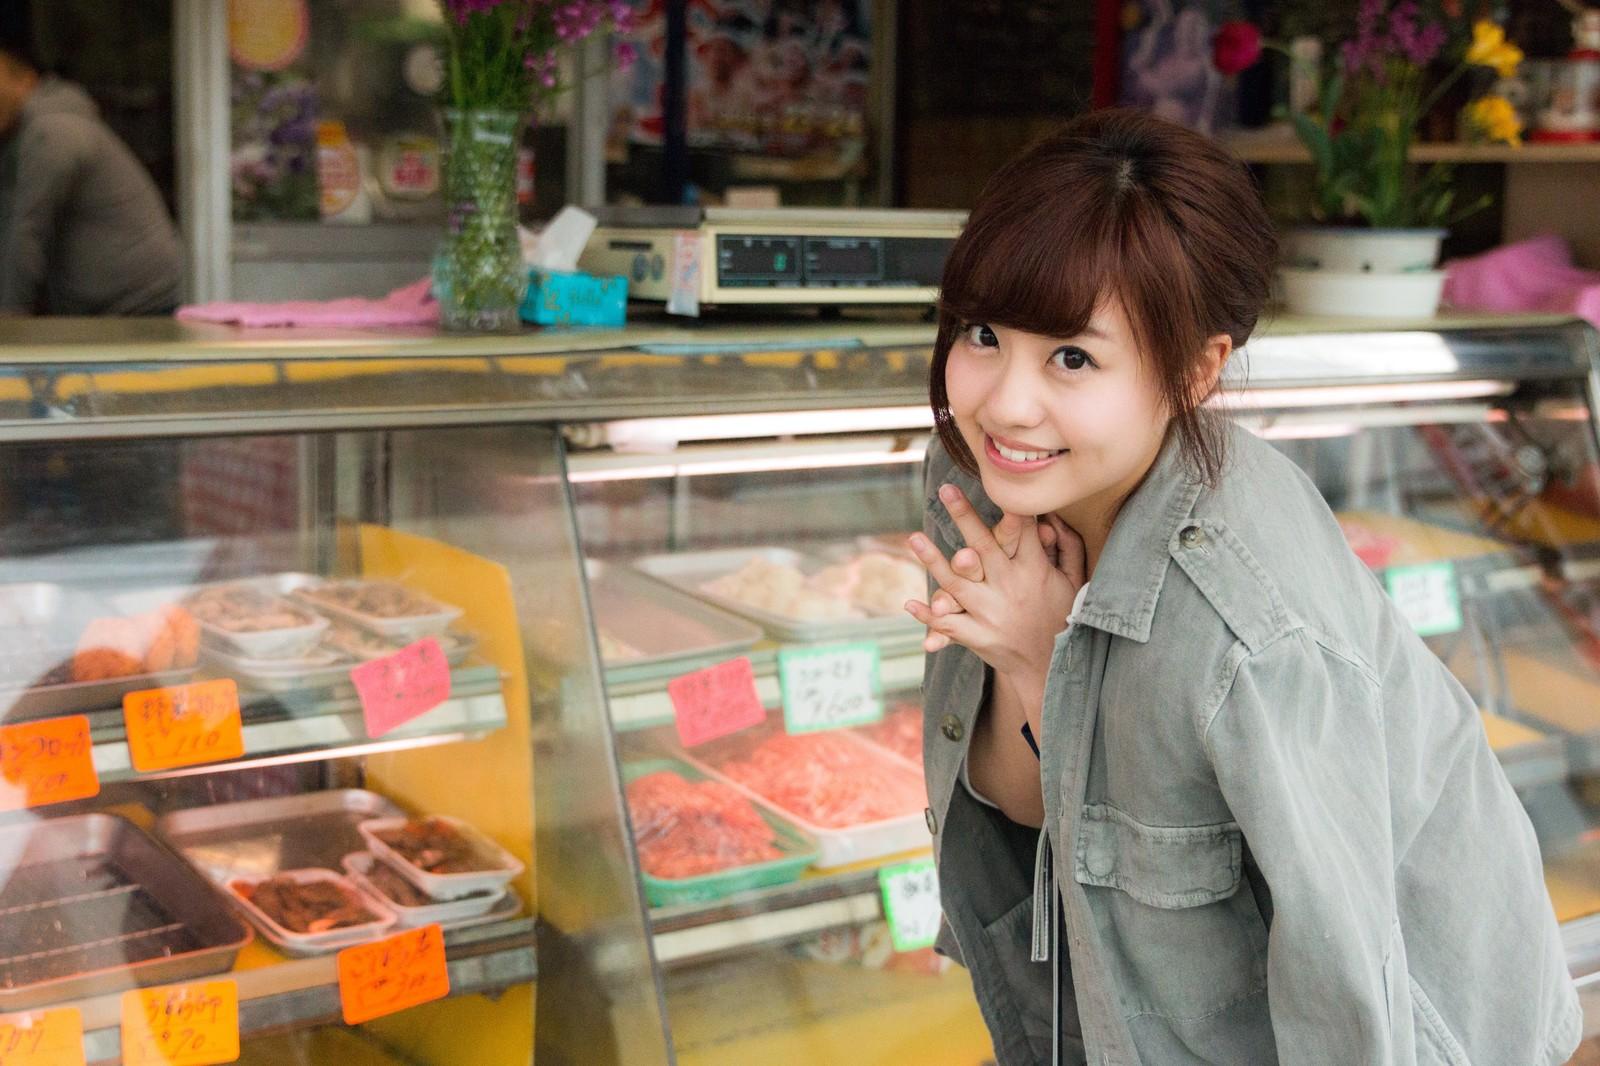 新潟旅行へ行った時に絶対食べたい王道グルメ!B級グルメをご紹介!